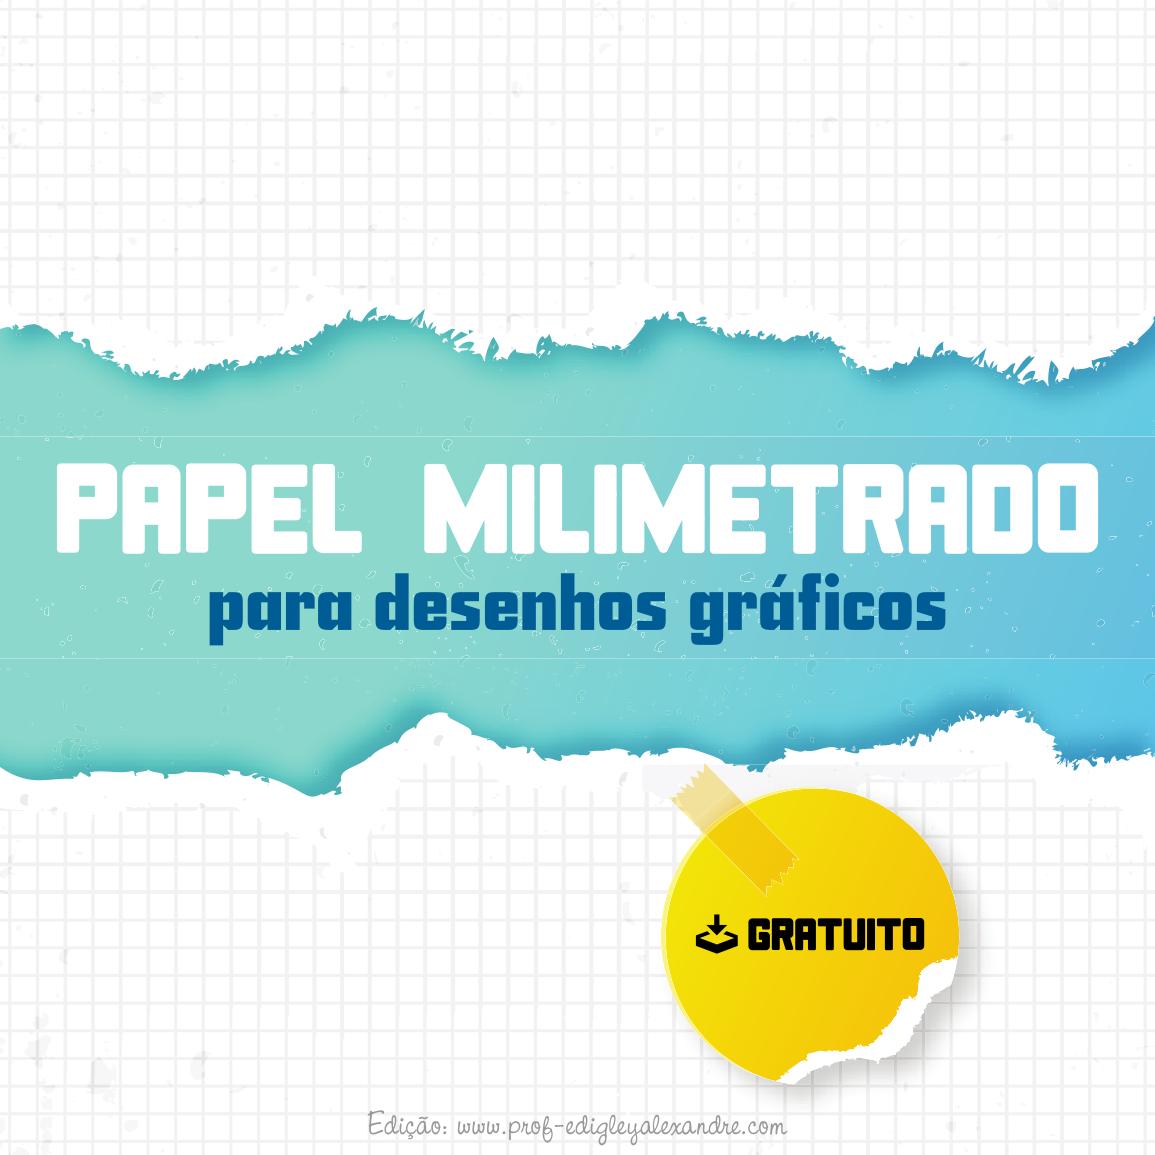 Papel milimetrado em PDF para desenhos gráficos